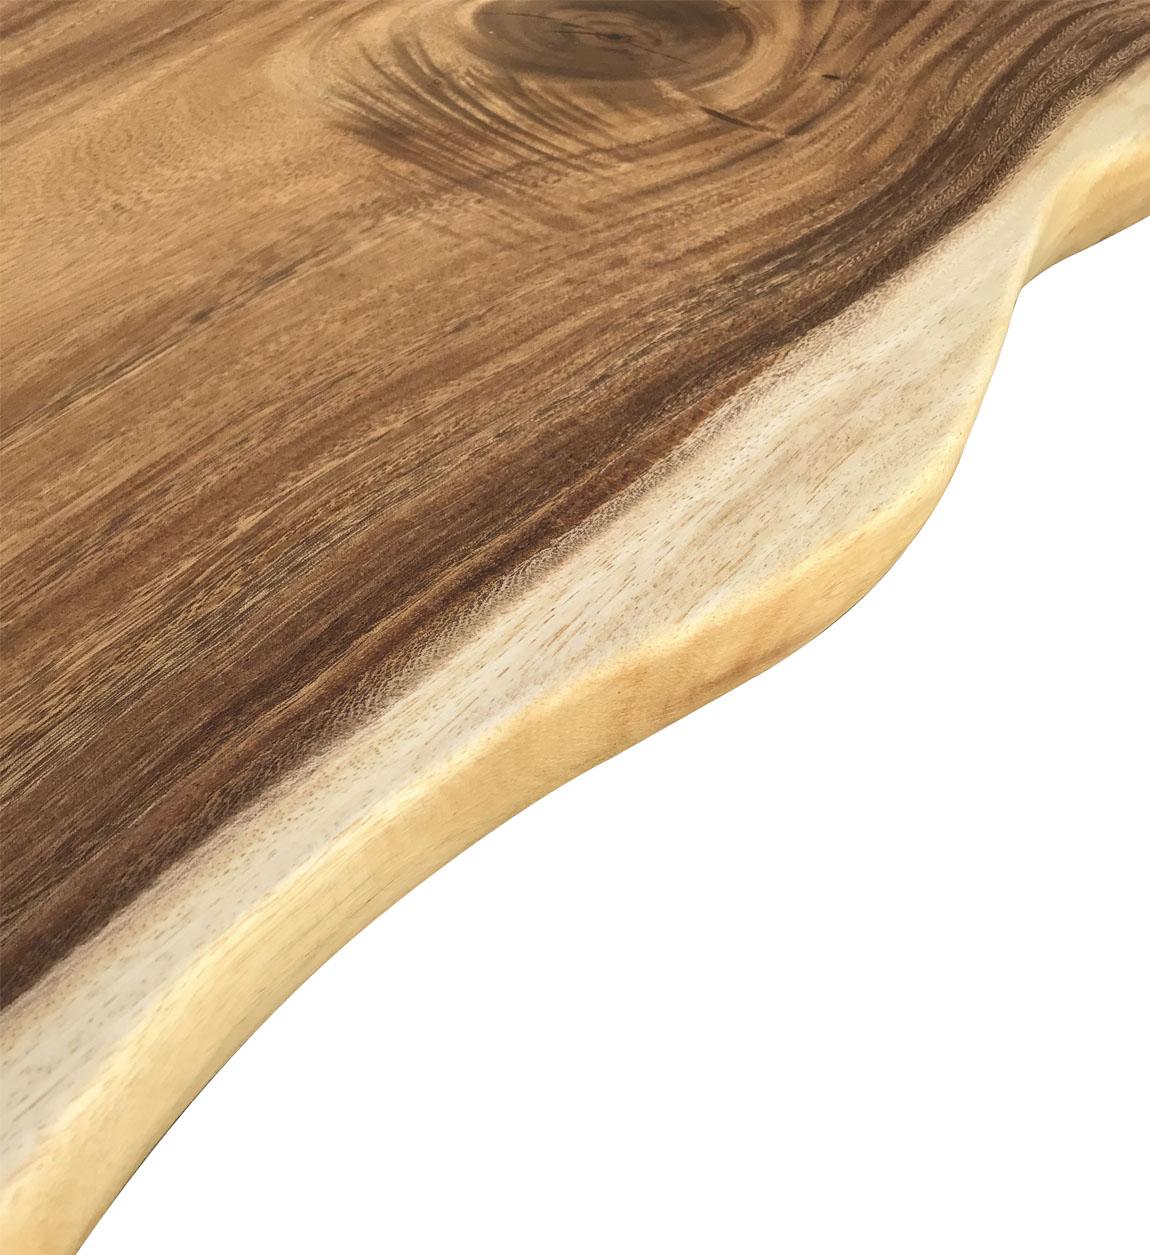 Table basse irrégulière en bois marron L 130 cm